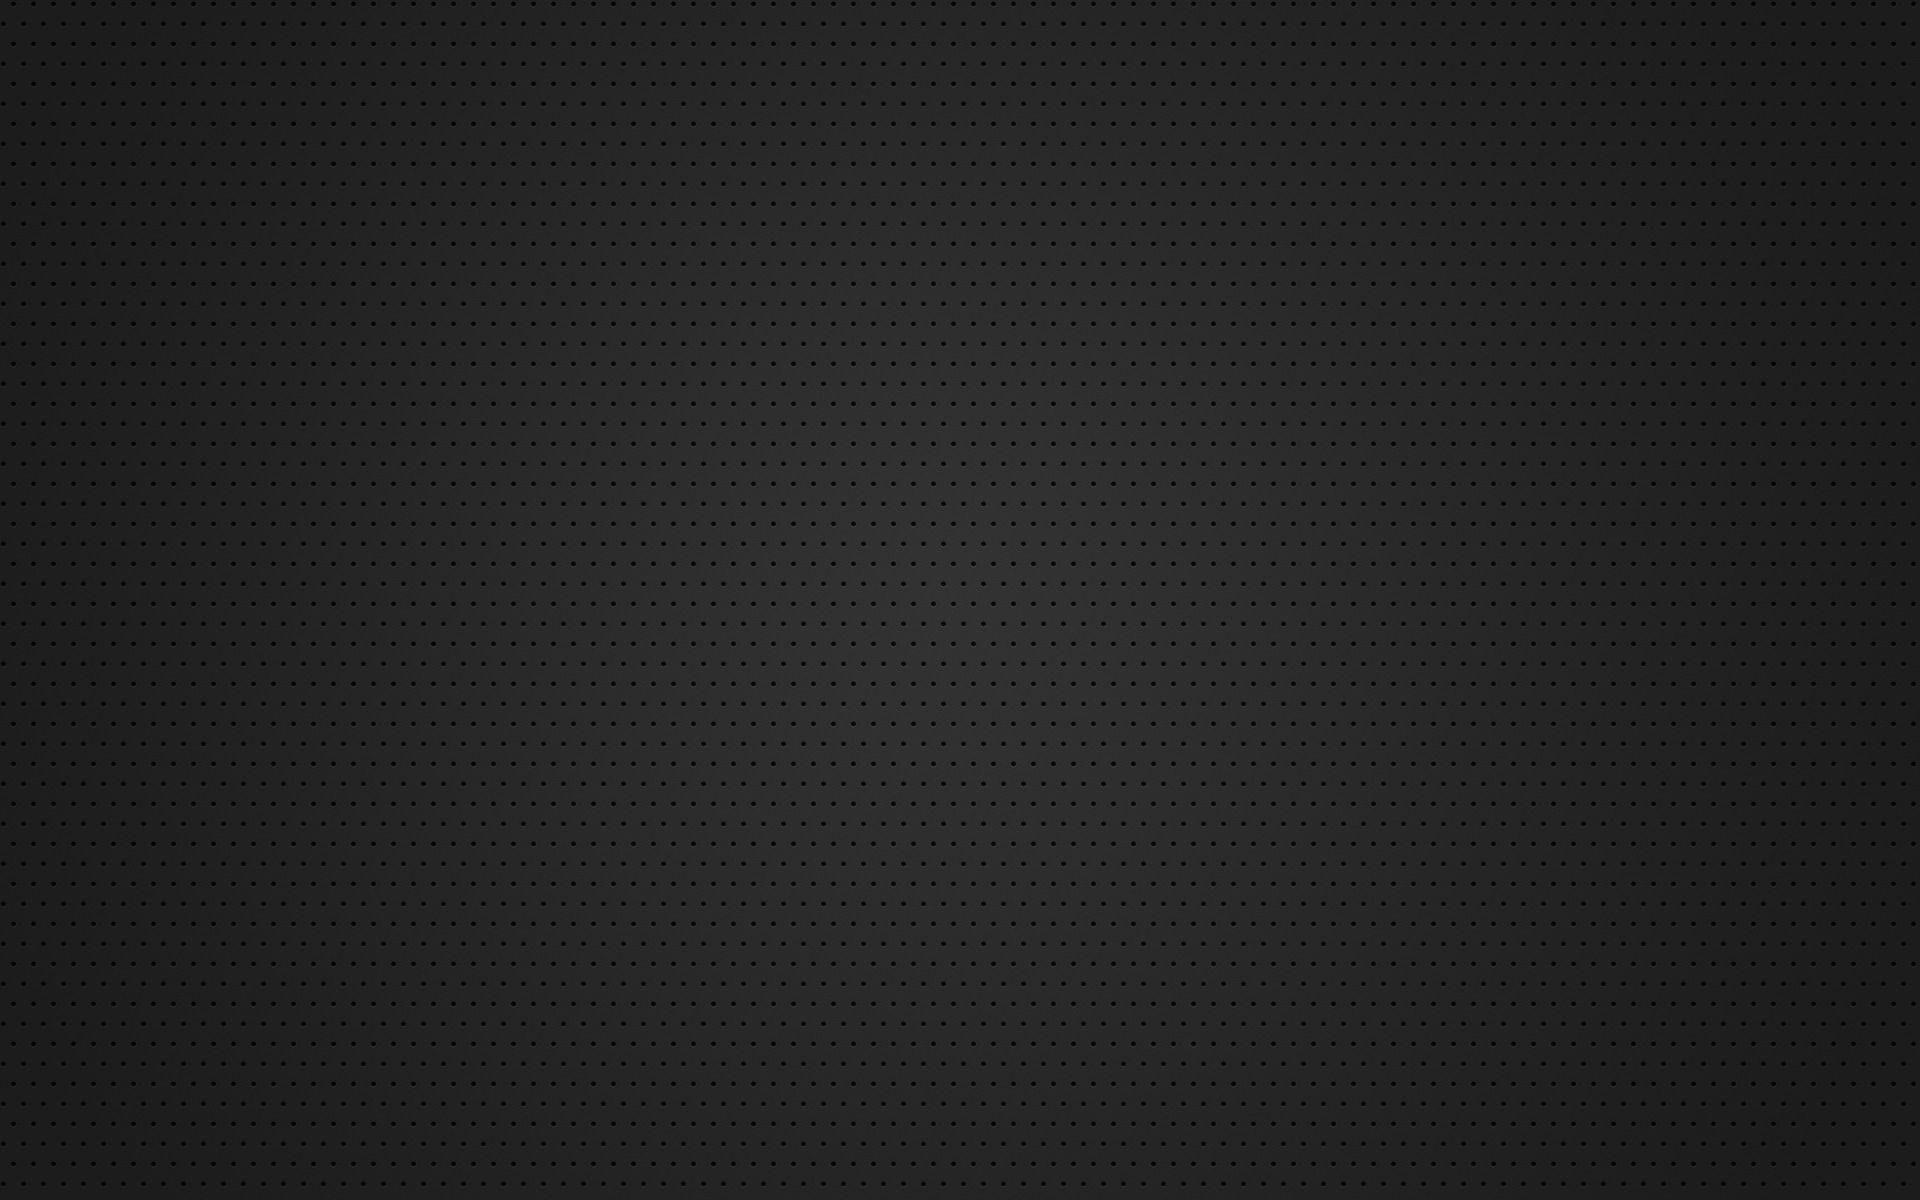 10 Best Matte Black Hd Wallpaper Full Hd 1920 1080 For Pc Desktop Black Hd Wallpaper Hd Wallpaper Desktop Pc